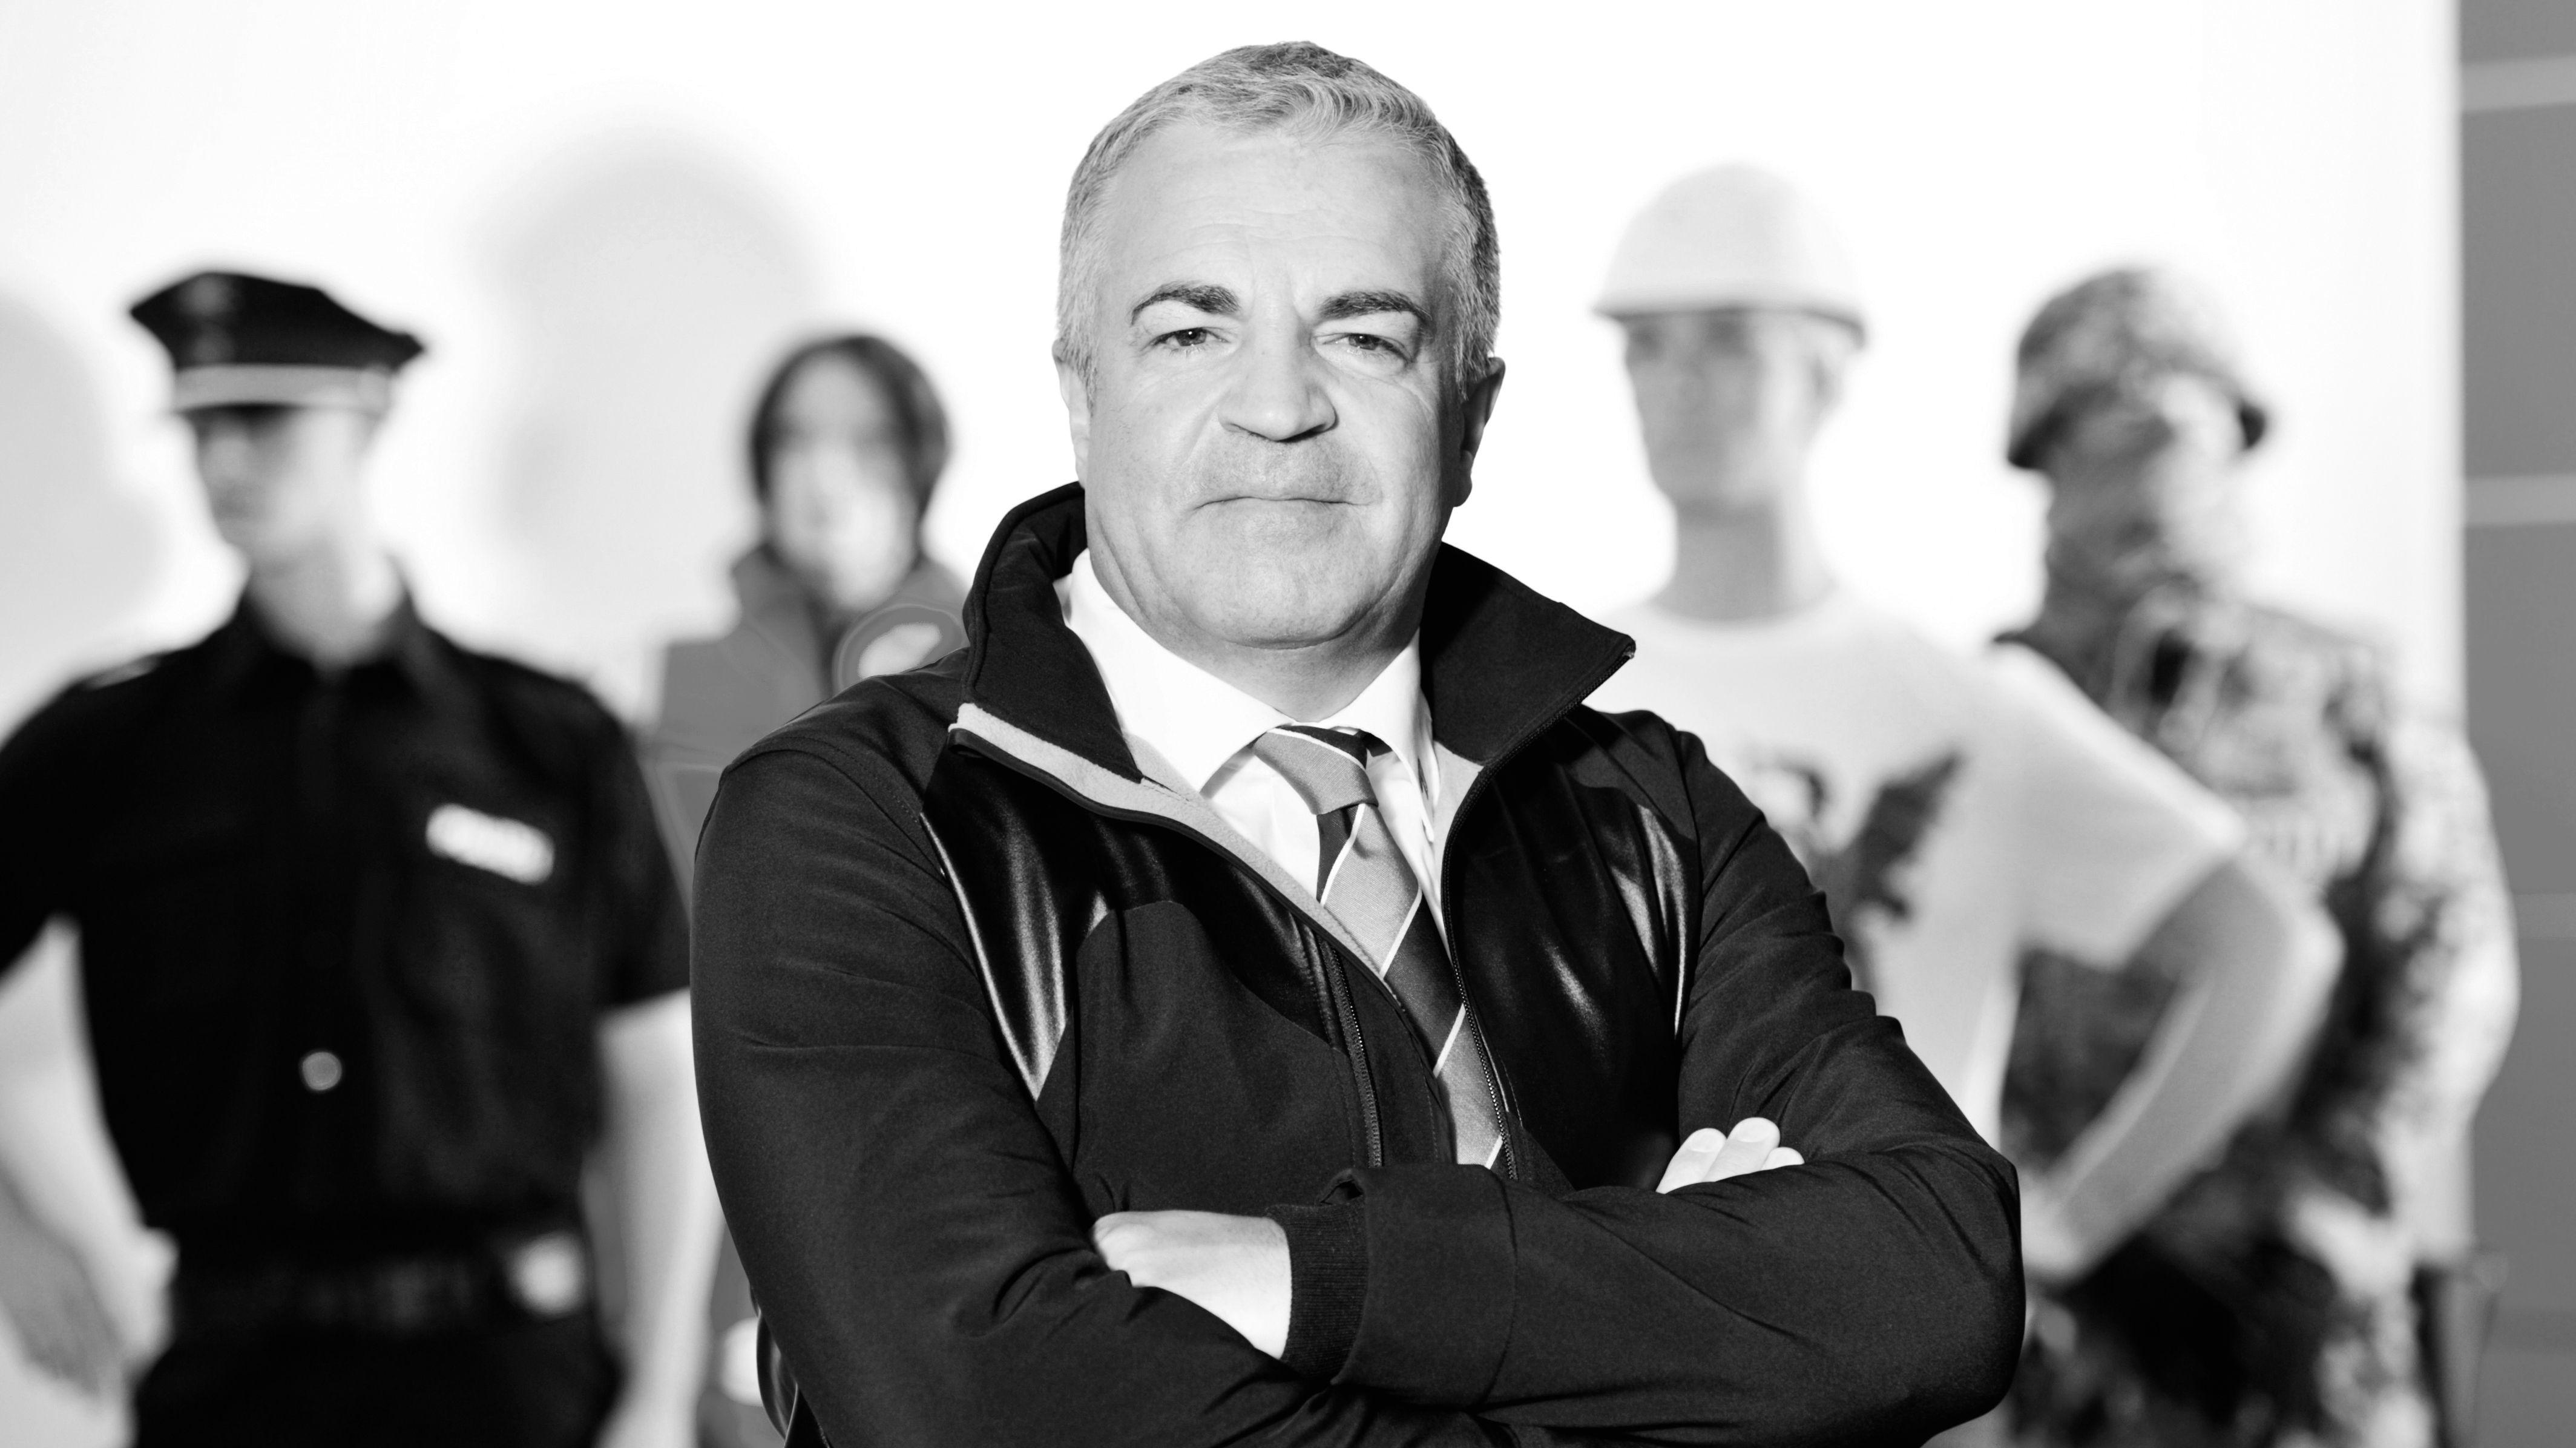 Ewald Haimerl: Der Geschäftsführer und Inhaber der international renommierten Schuhfirma Haix mit Sitz in Mainburg (Lkr. Kelheim) ist tot.